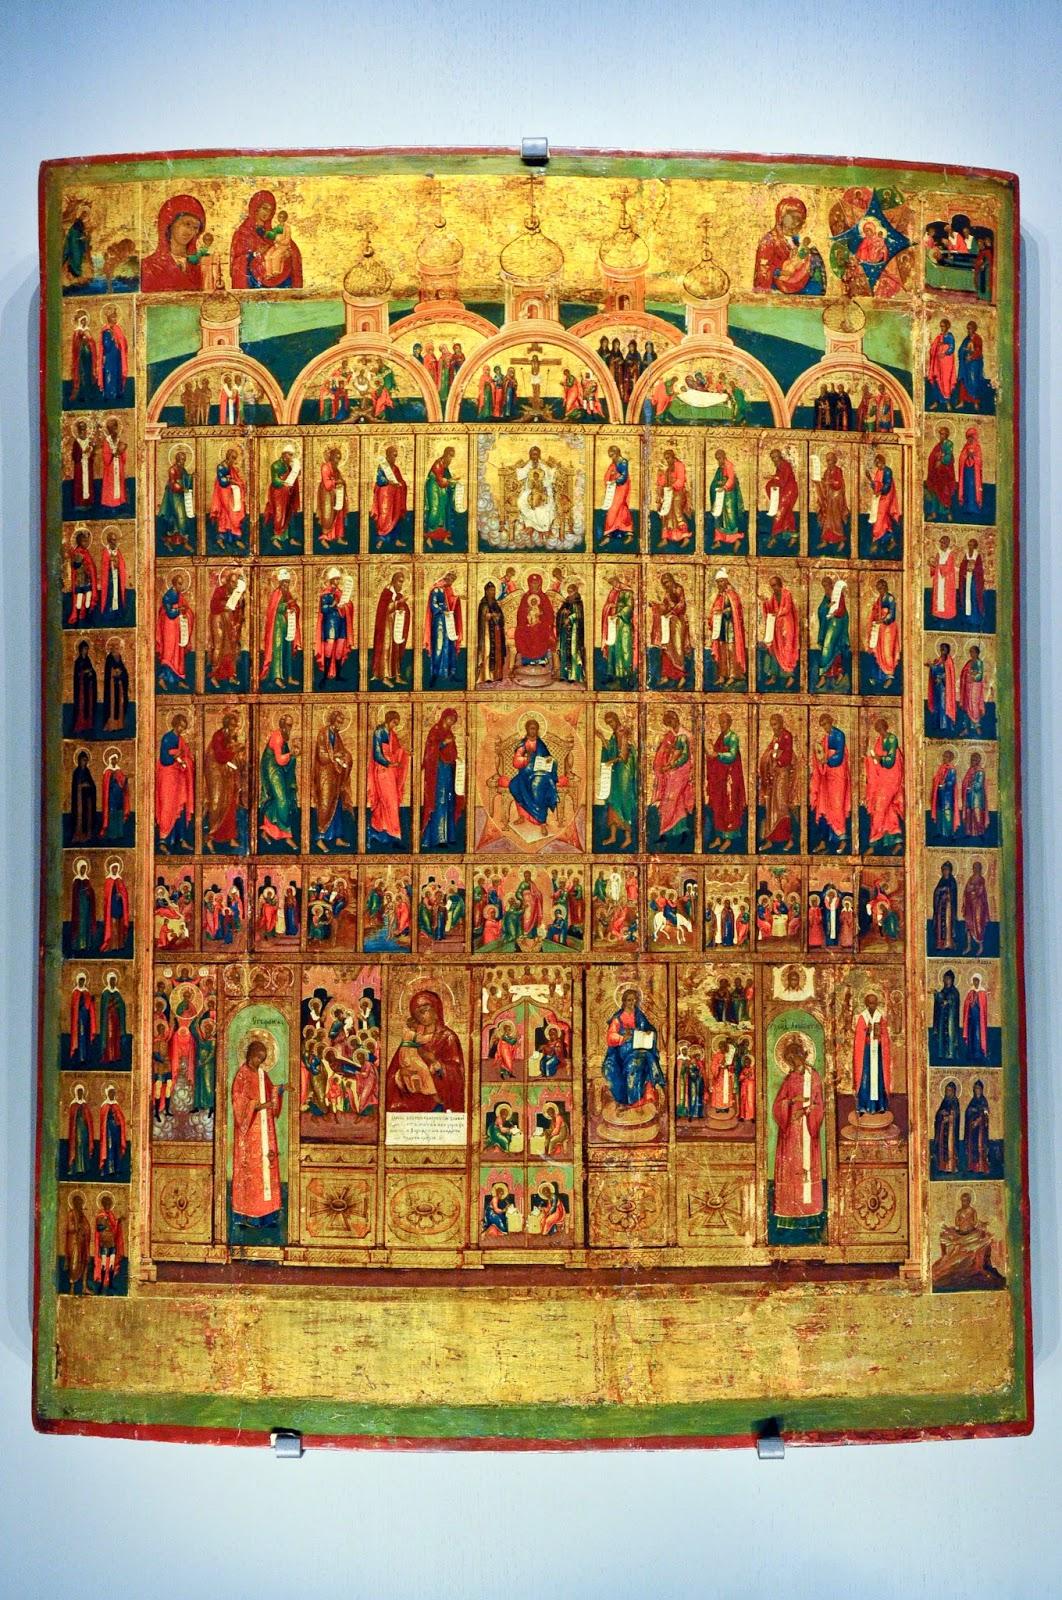 A Russian icon in Galleria d'Italia in Palazzo Leoni Montanari in Vicenza, Italy